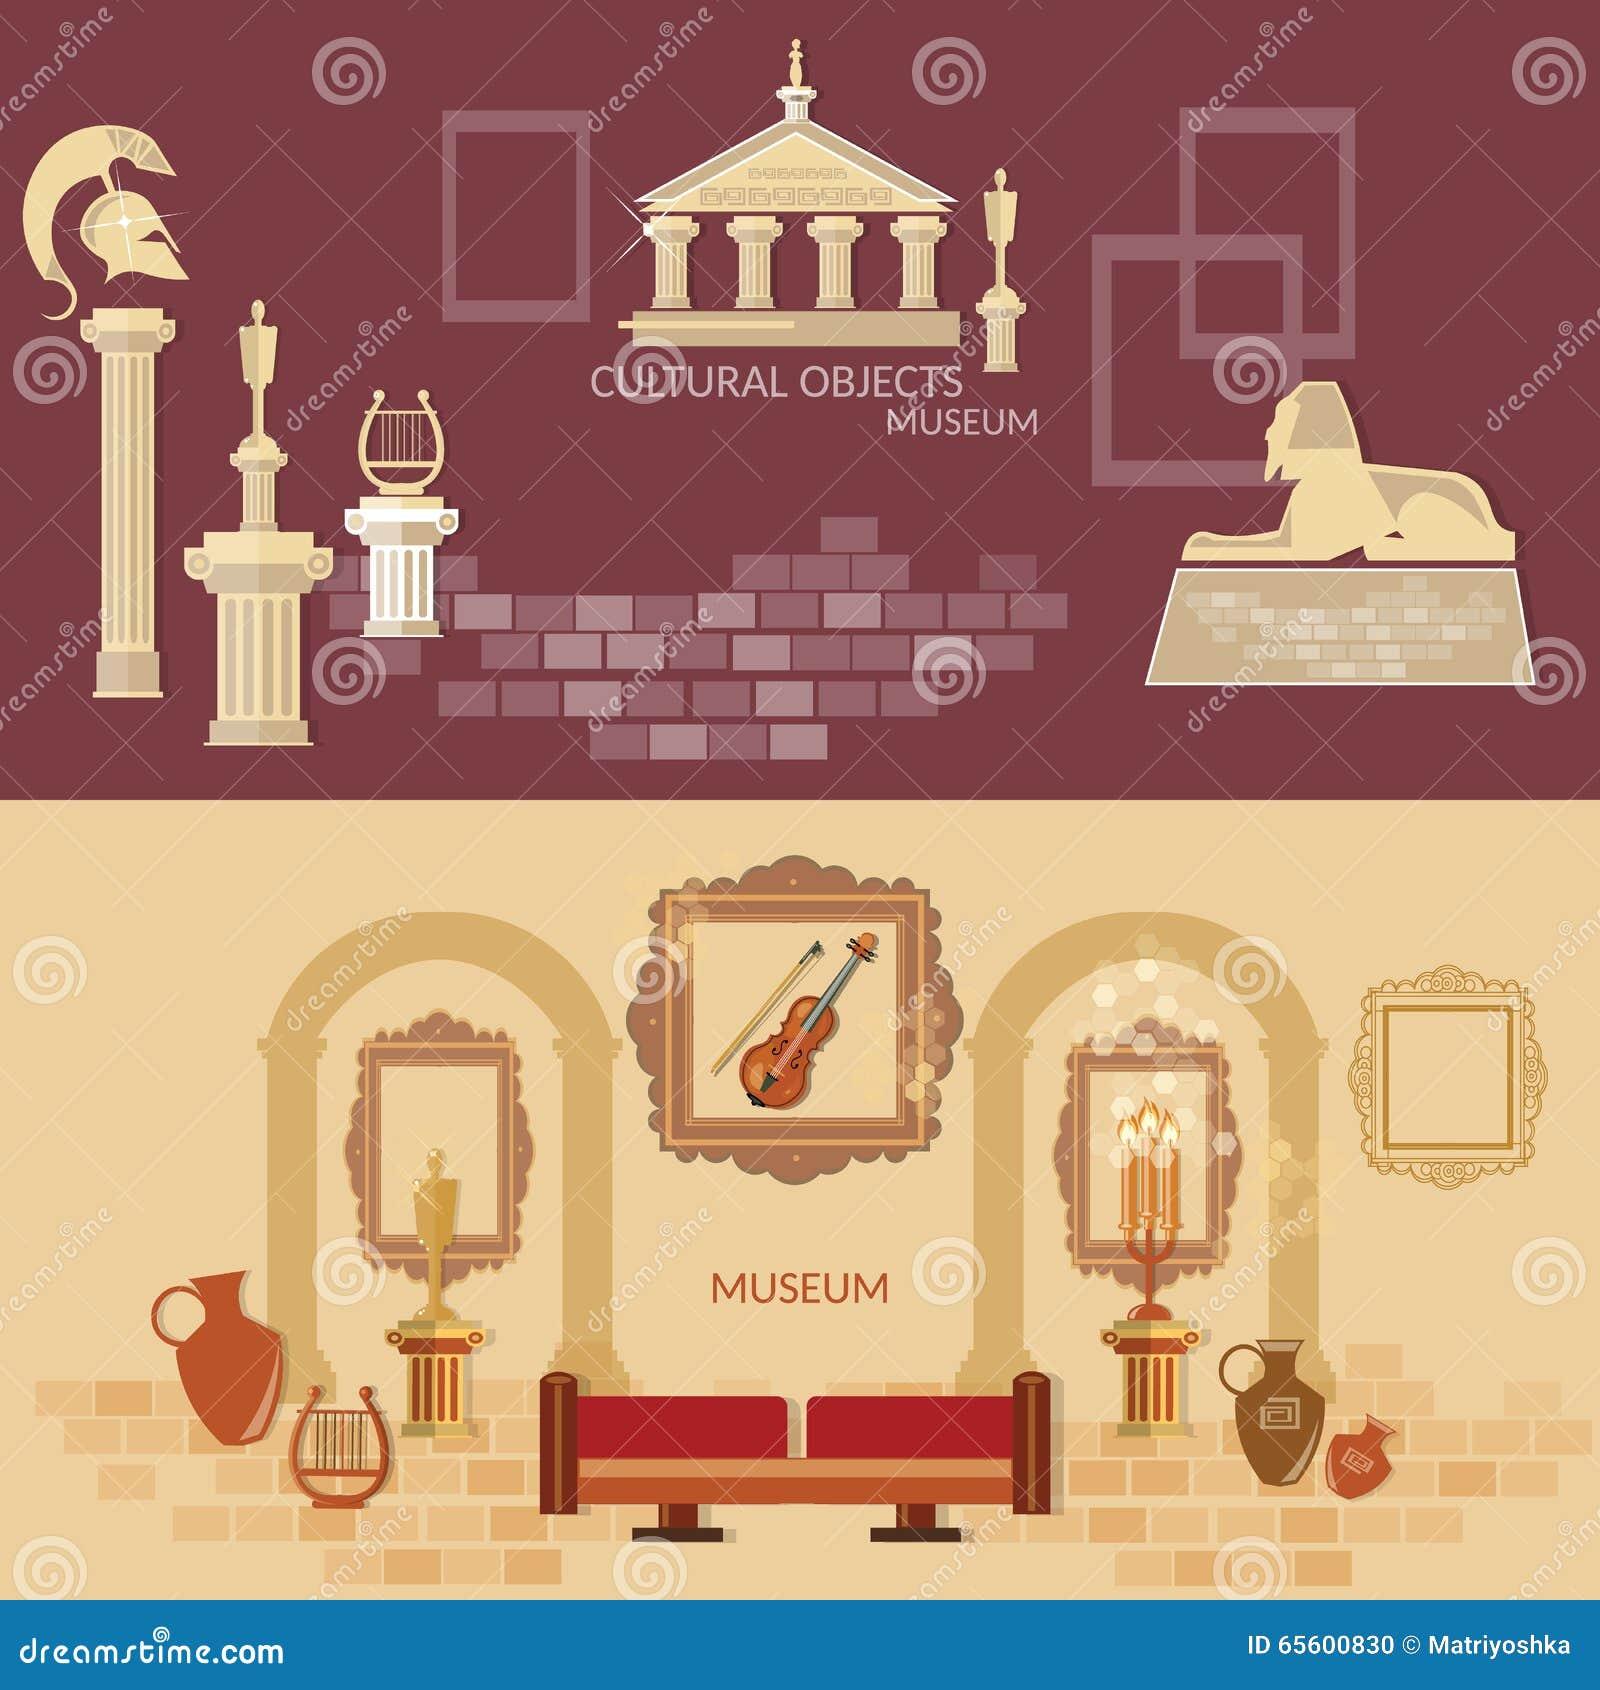 上古古老文明科学考古学博物馆